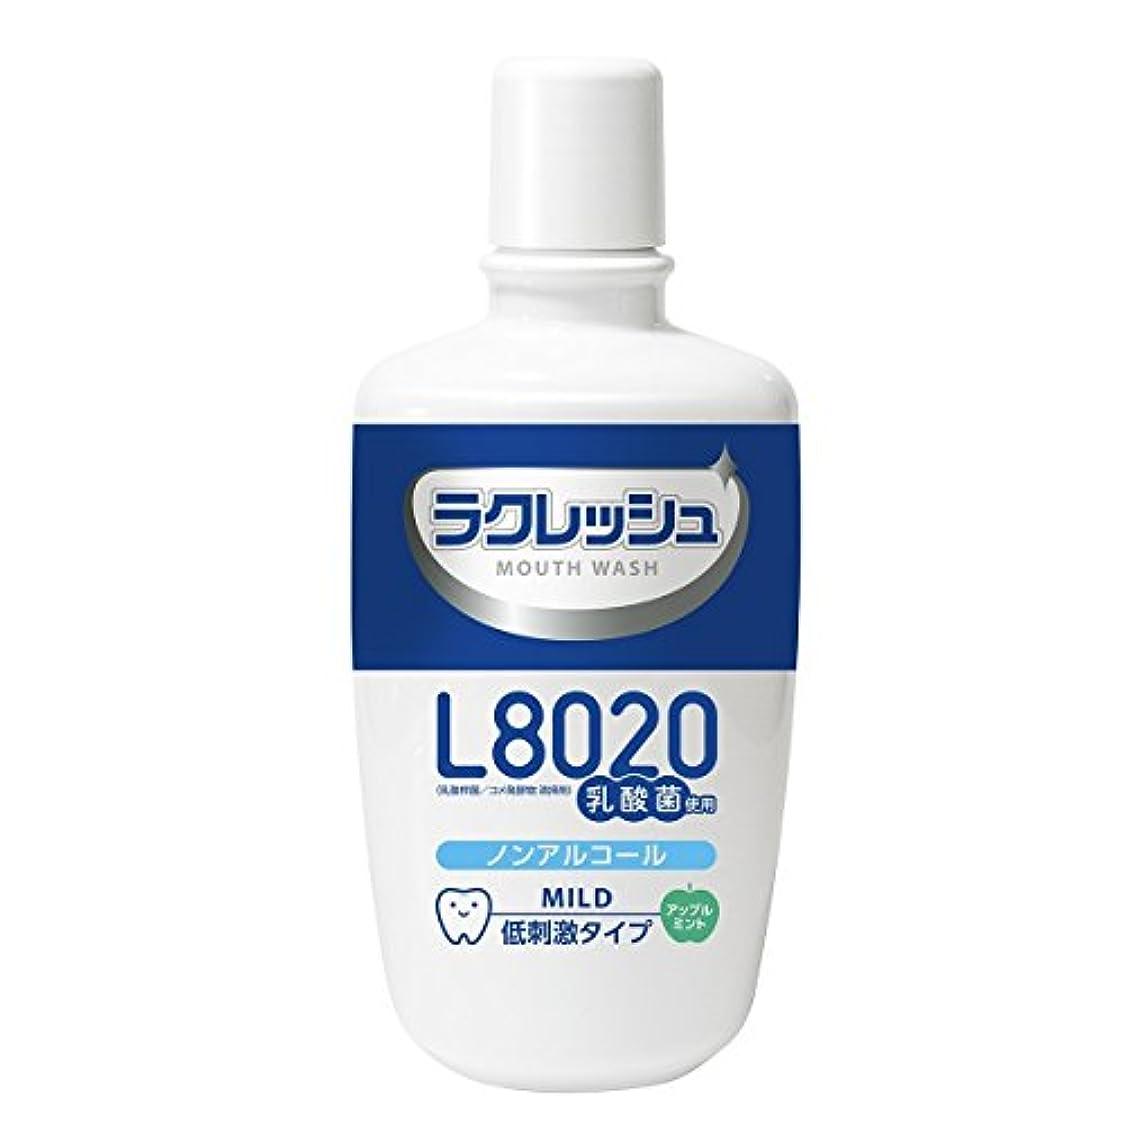 コールラボ最初ラクレッシュ L8020菌 マウスウォッシュ 3本セット (マイルド)